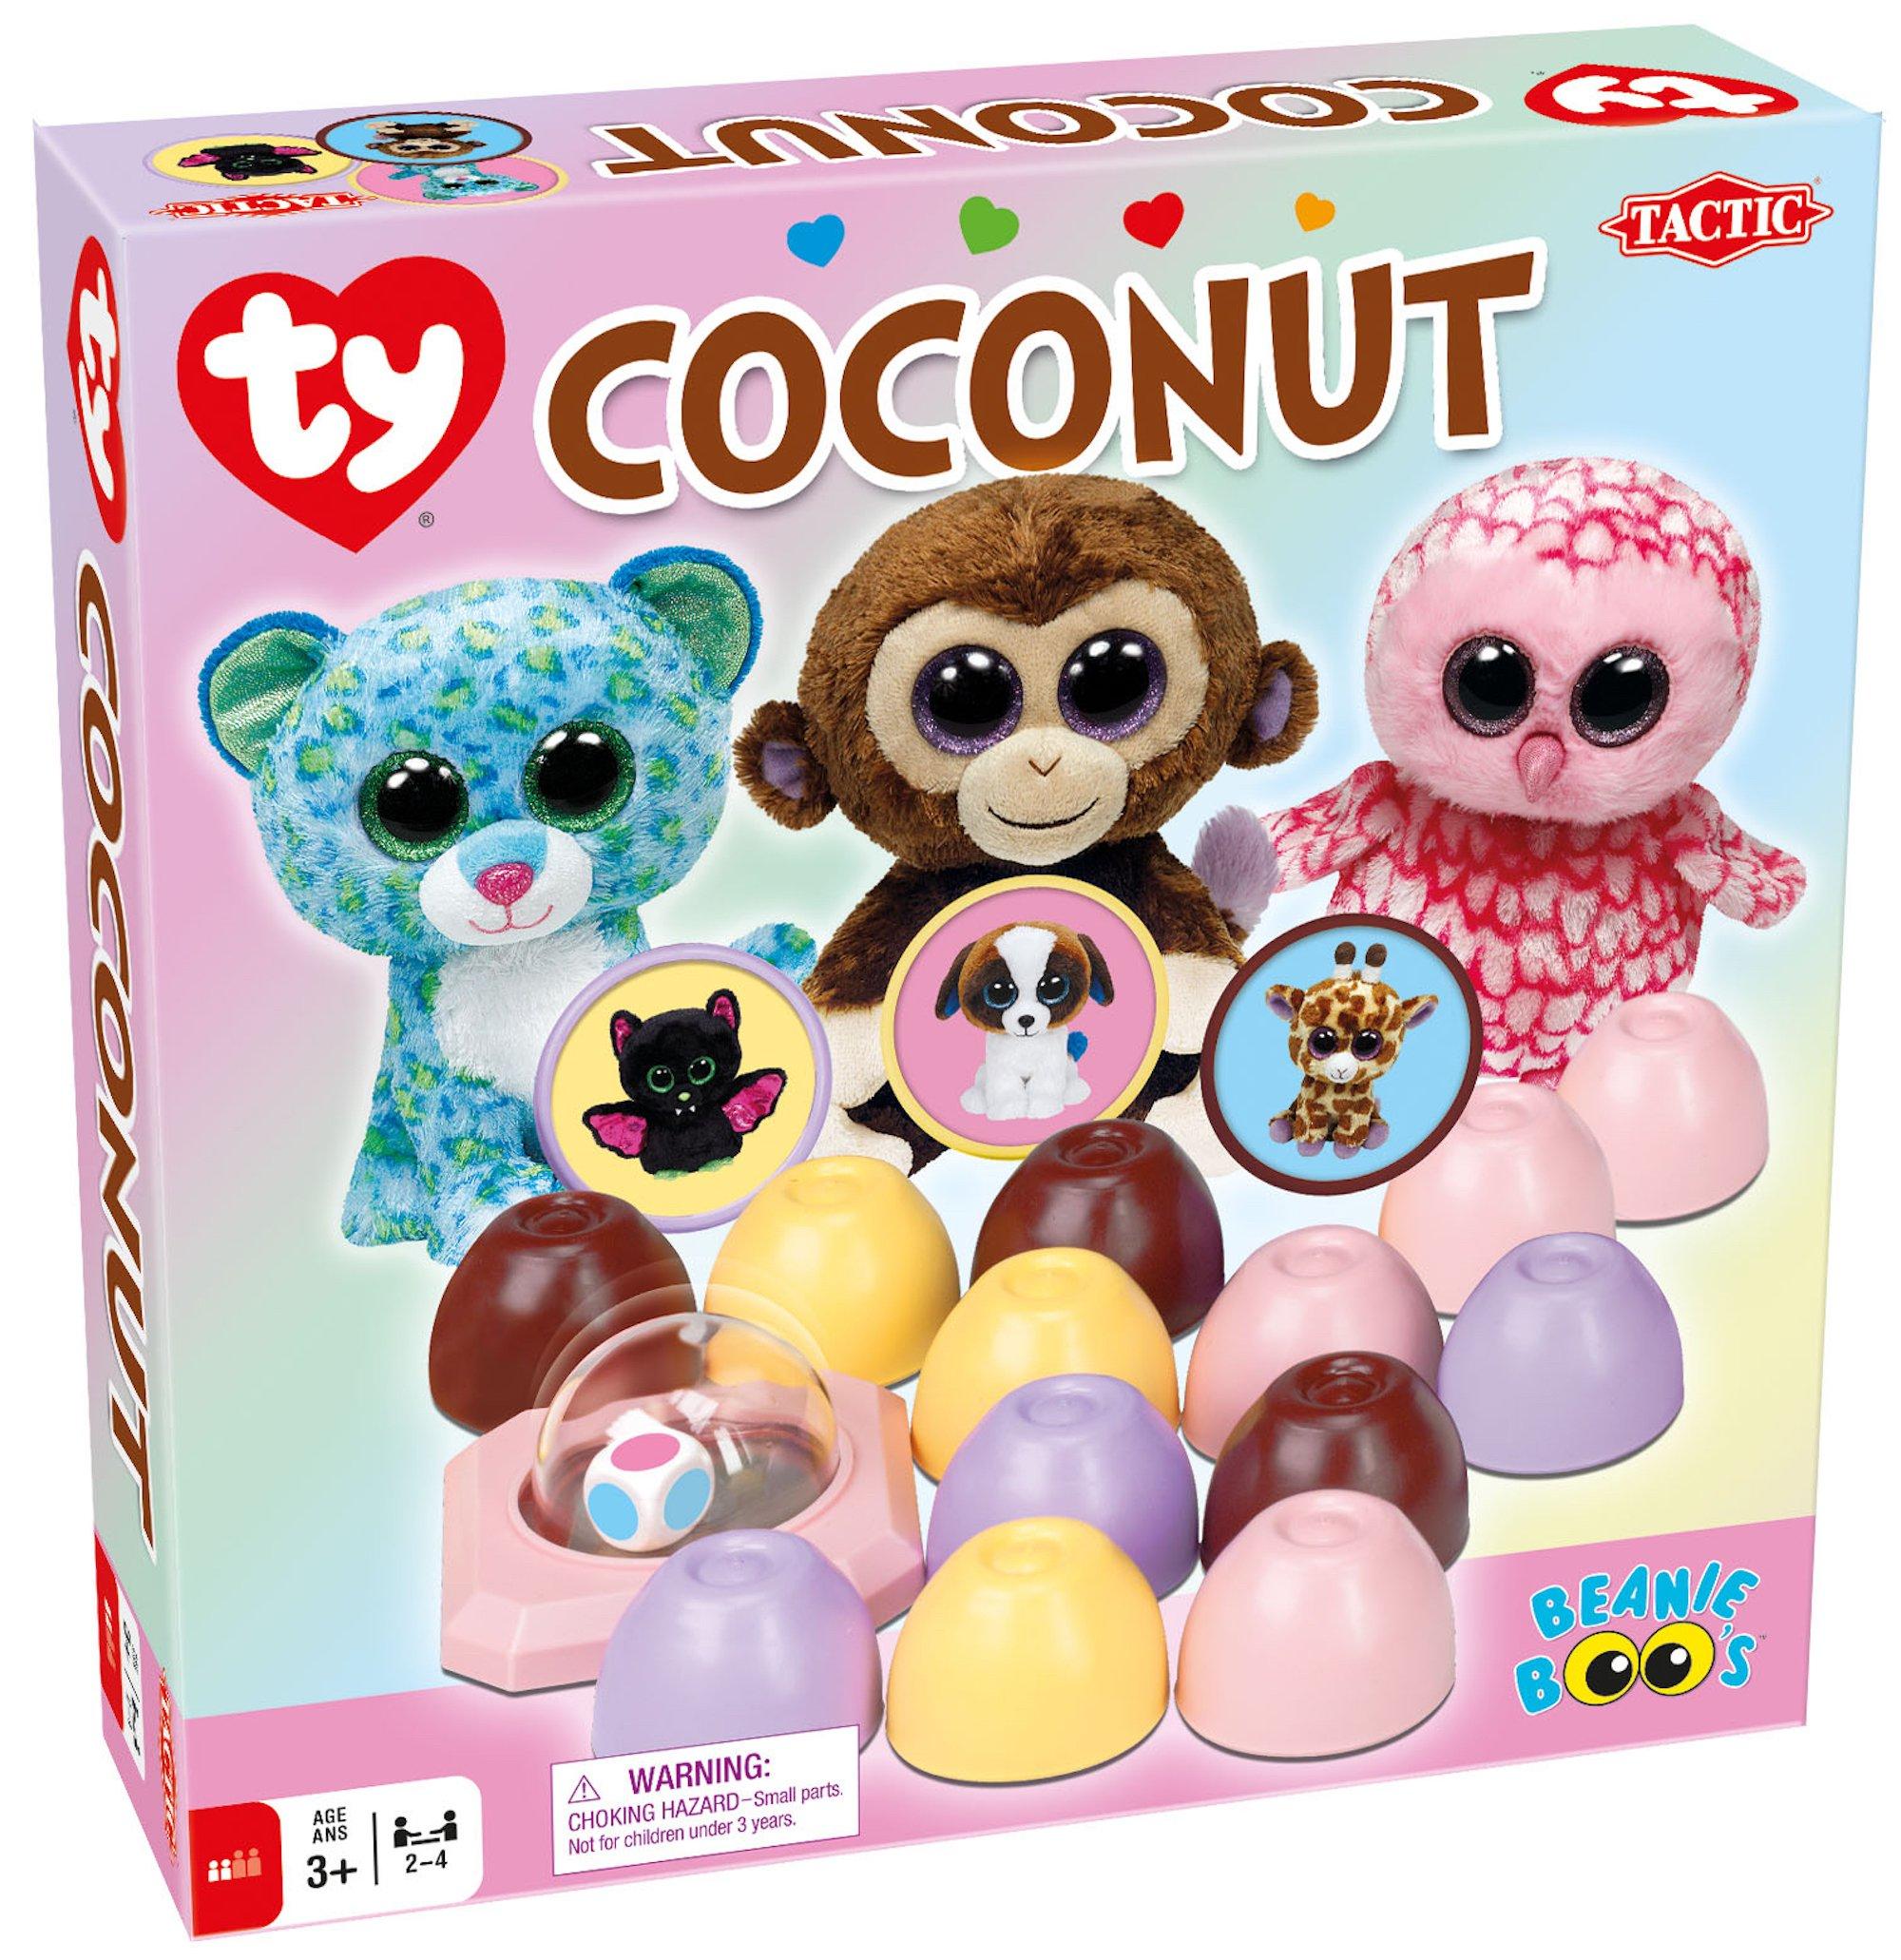 Juego de mesa tactic, coconut ty: Amazon.es: Juguetes y juegos